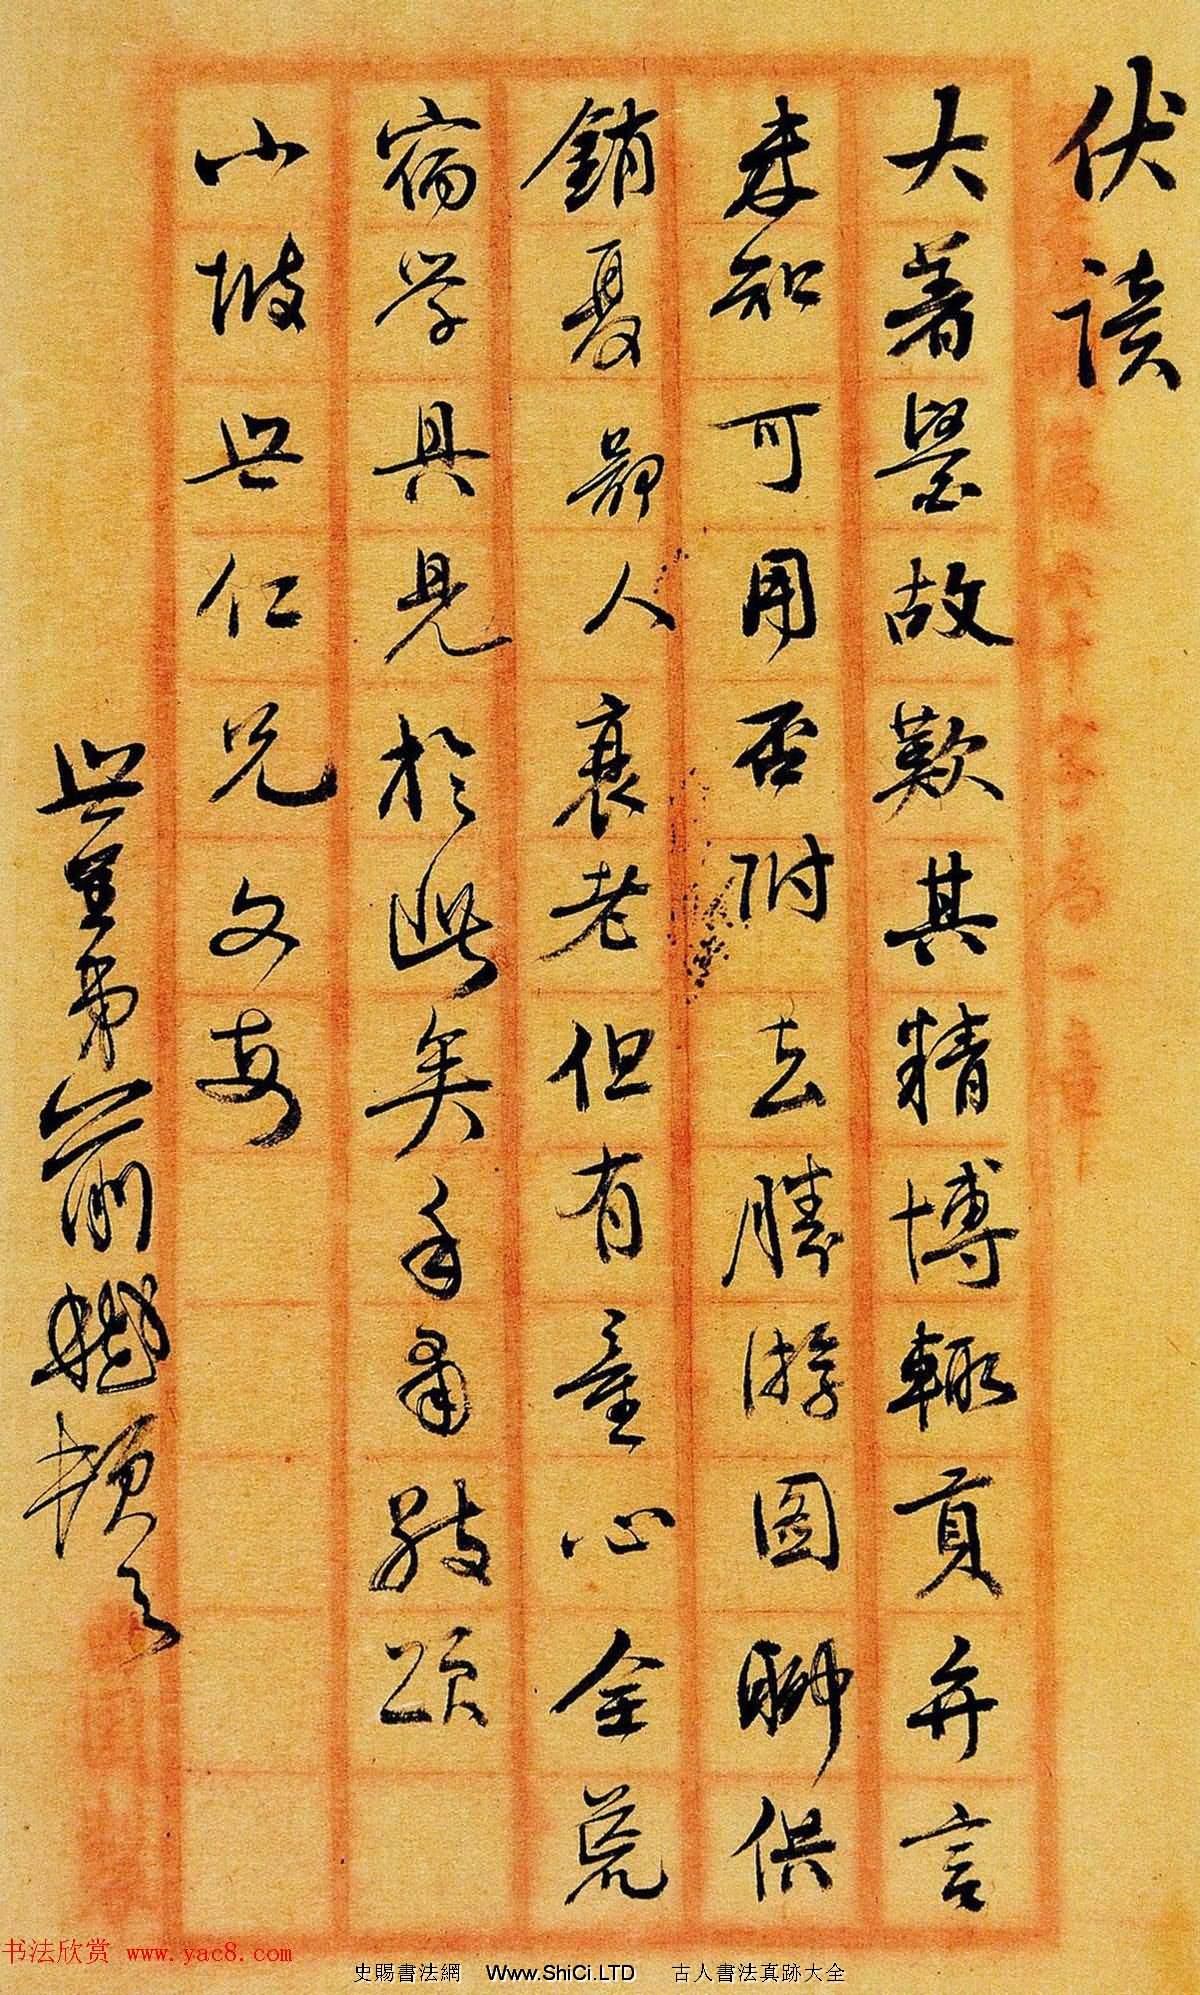 清代俞樾行書手稿《伏讀》+《承示》(共21張圖片)